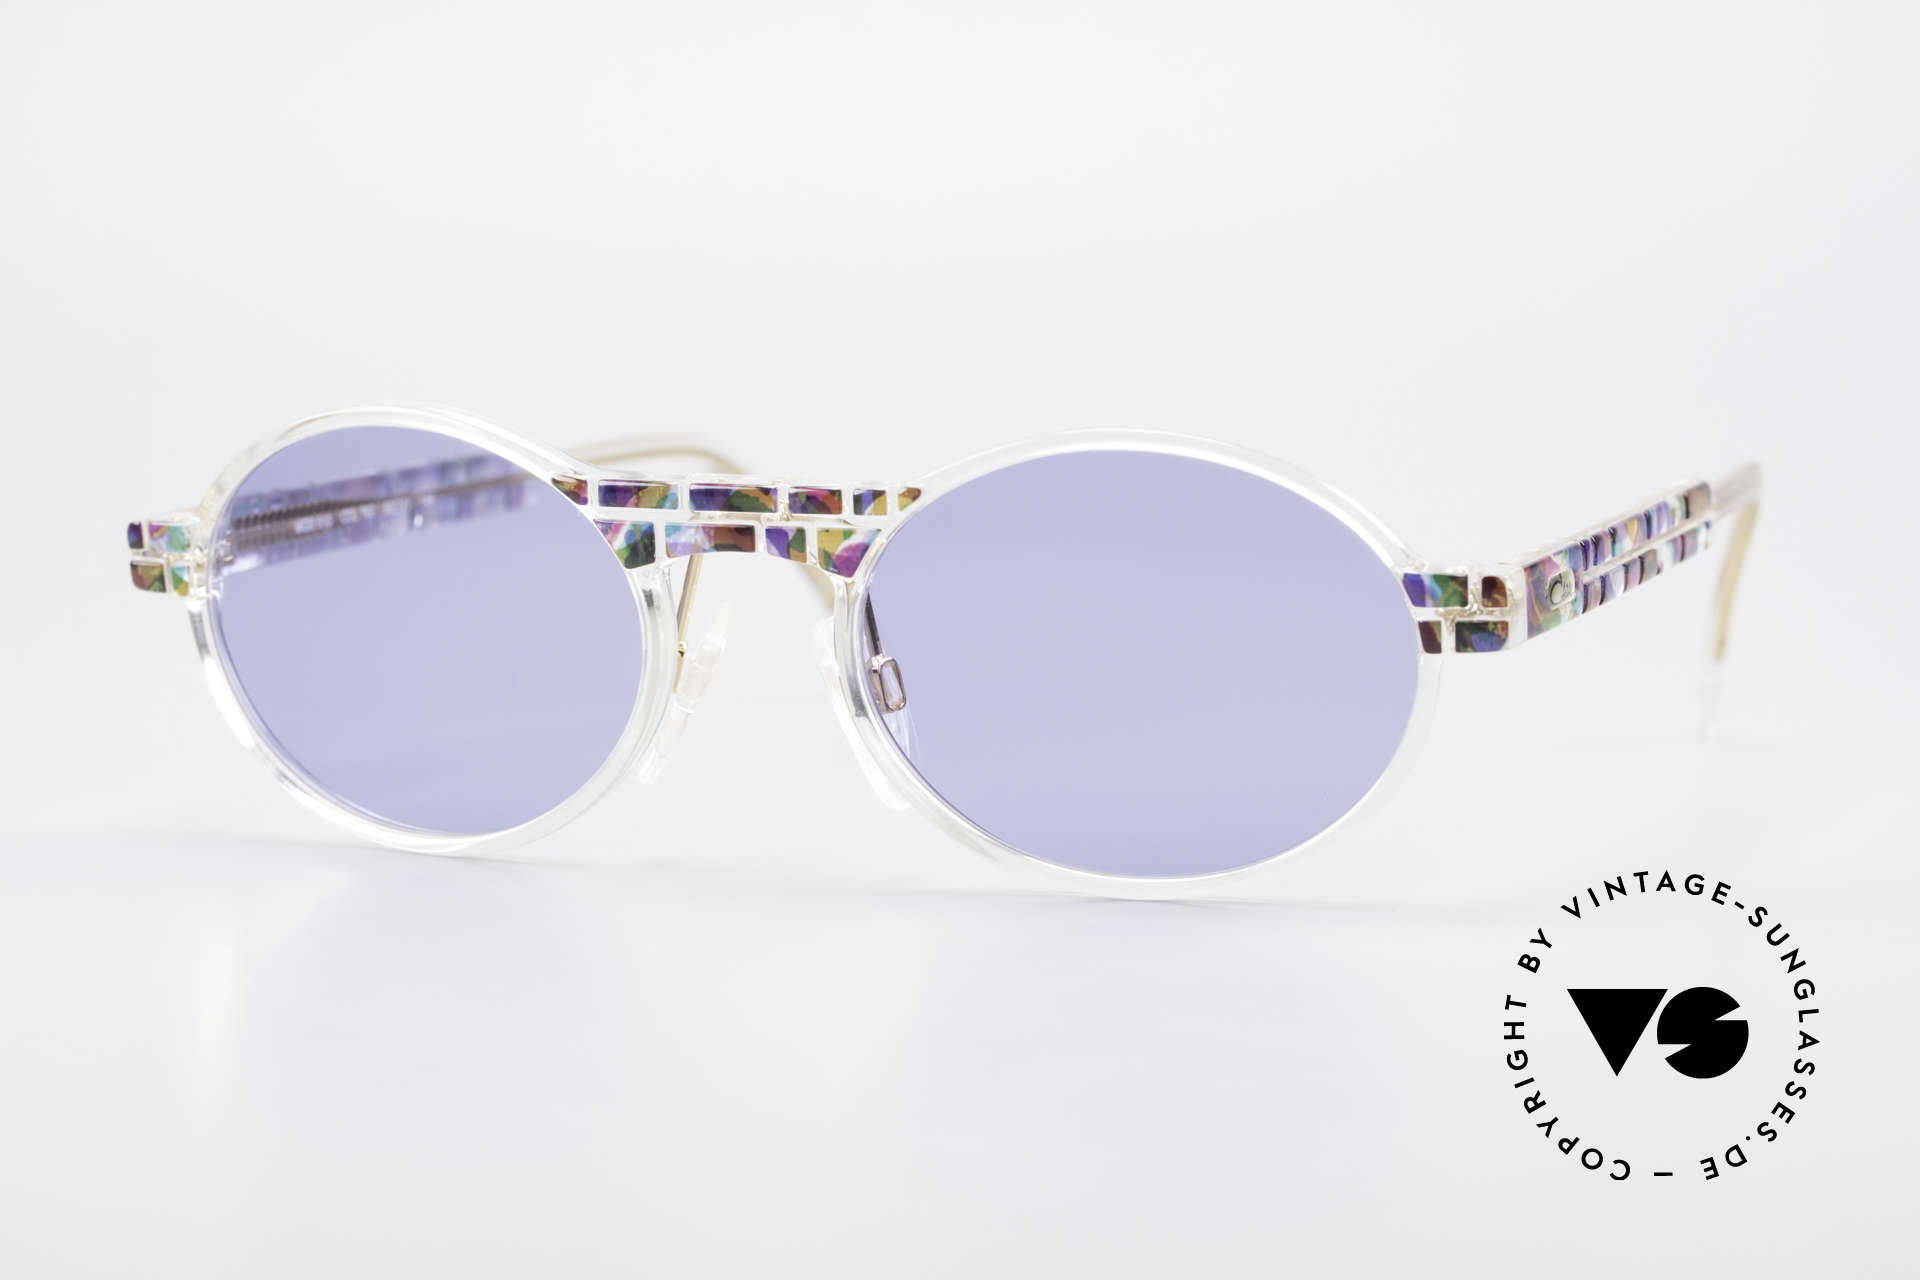 Cazal 510 Ovale Vintage Cazal Limited, seltene vintage Brille der Cazal Crystal 500er Serie, Passend für Herren und Damen